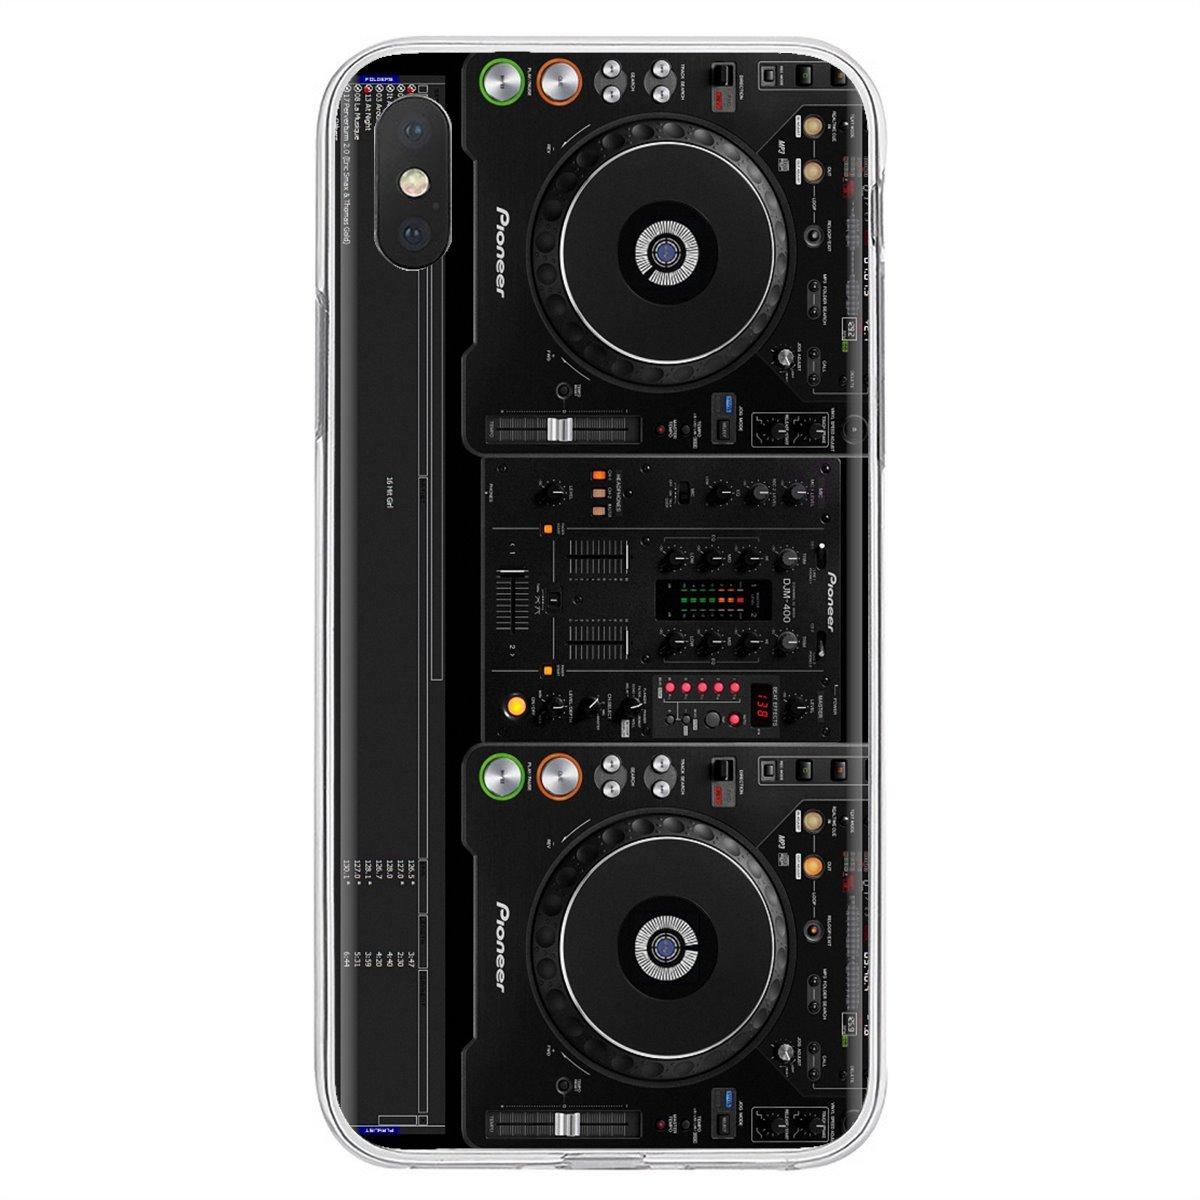 Para Xiaomi mi A1 A2 A3 5X6X8 9 9t Lite SE Pro mi Max Mix tableta amortiguador Tech accesorio beige Rojo Negro compruebe Tartan tableta amortiguador 2 disfrutar de la caja del teléfono de silicona Rane de Audio DJ mi xers centro de la guitarra